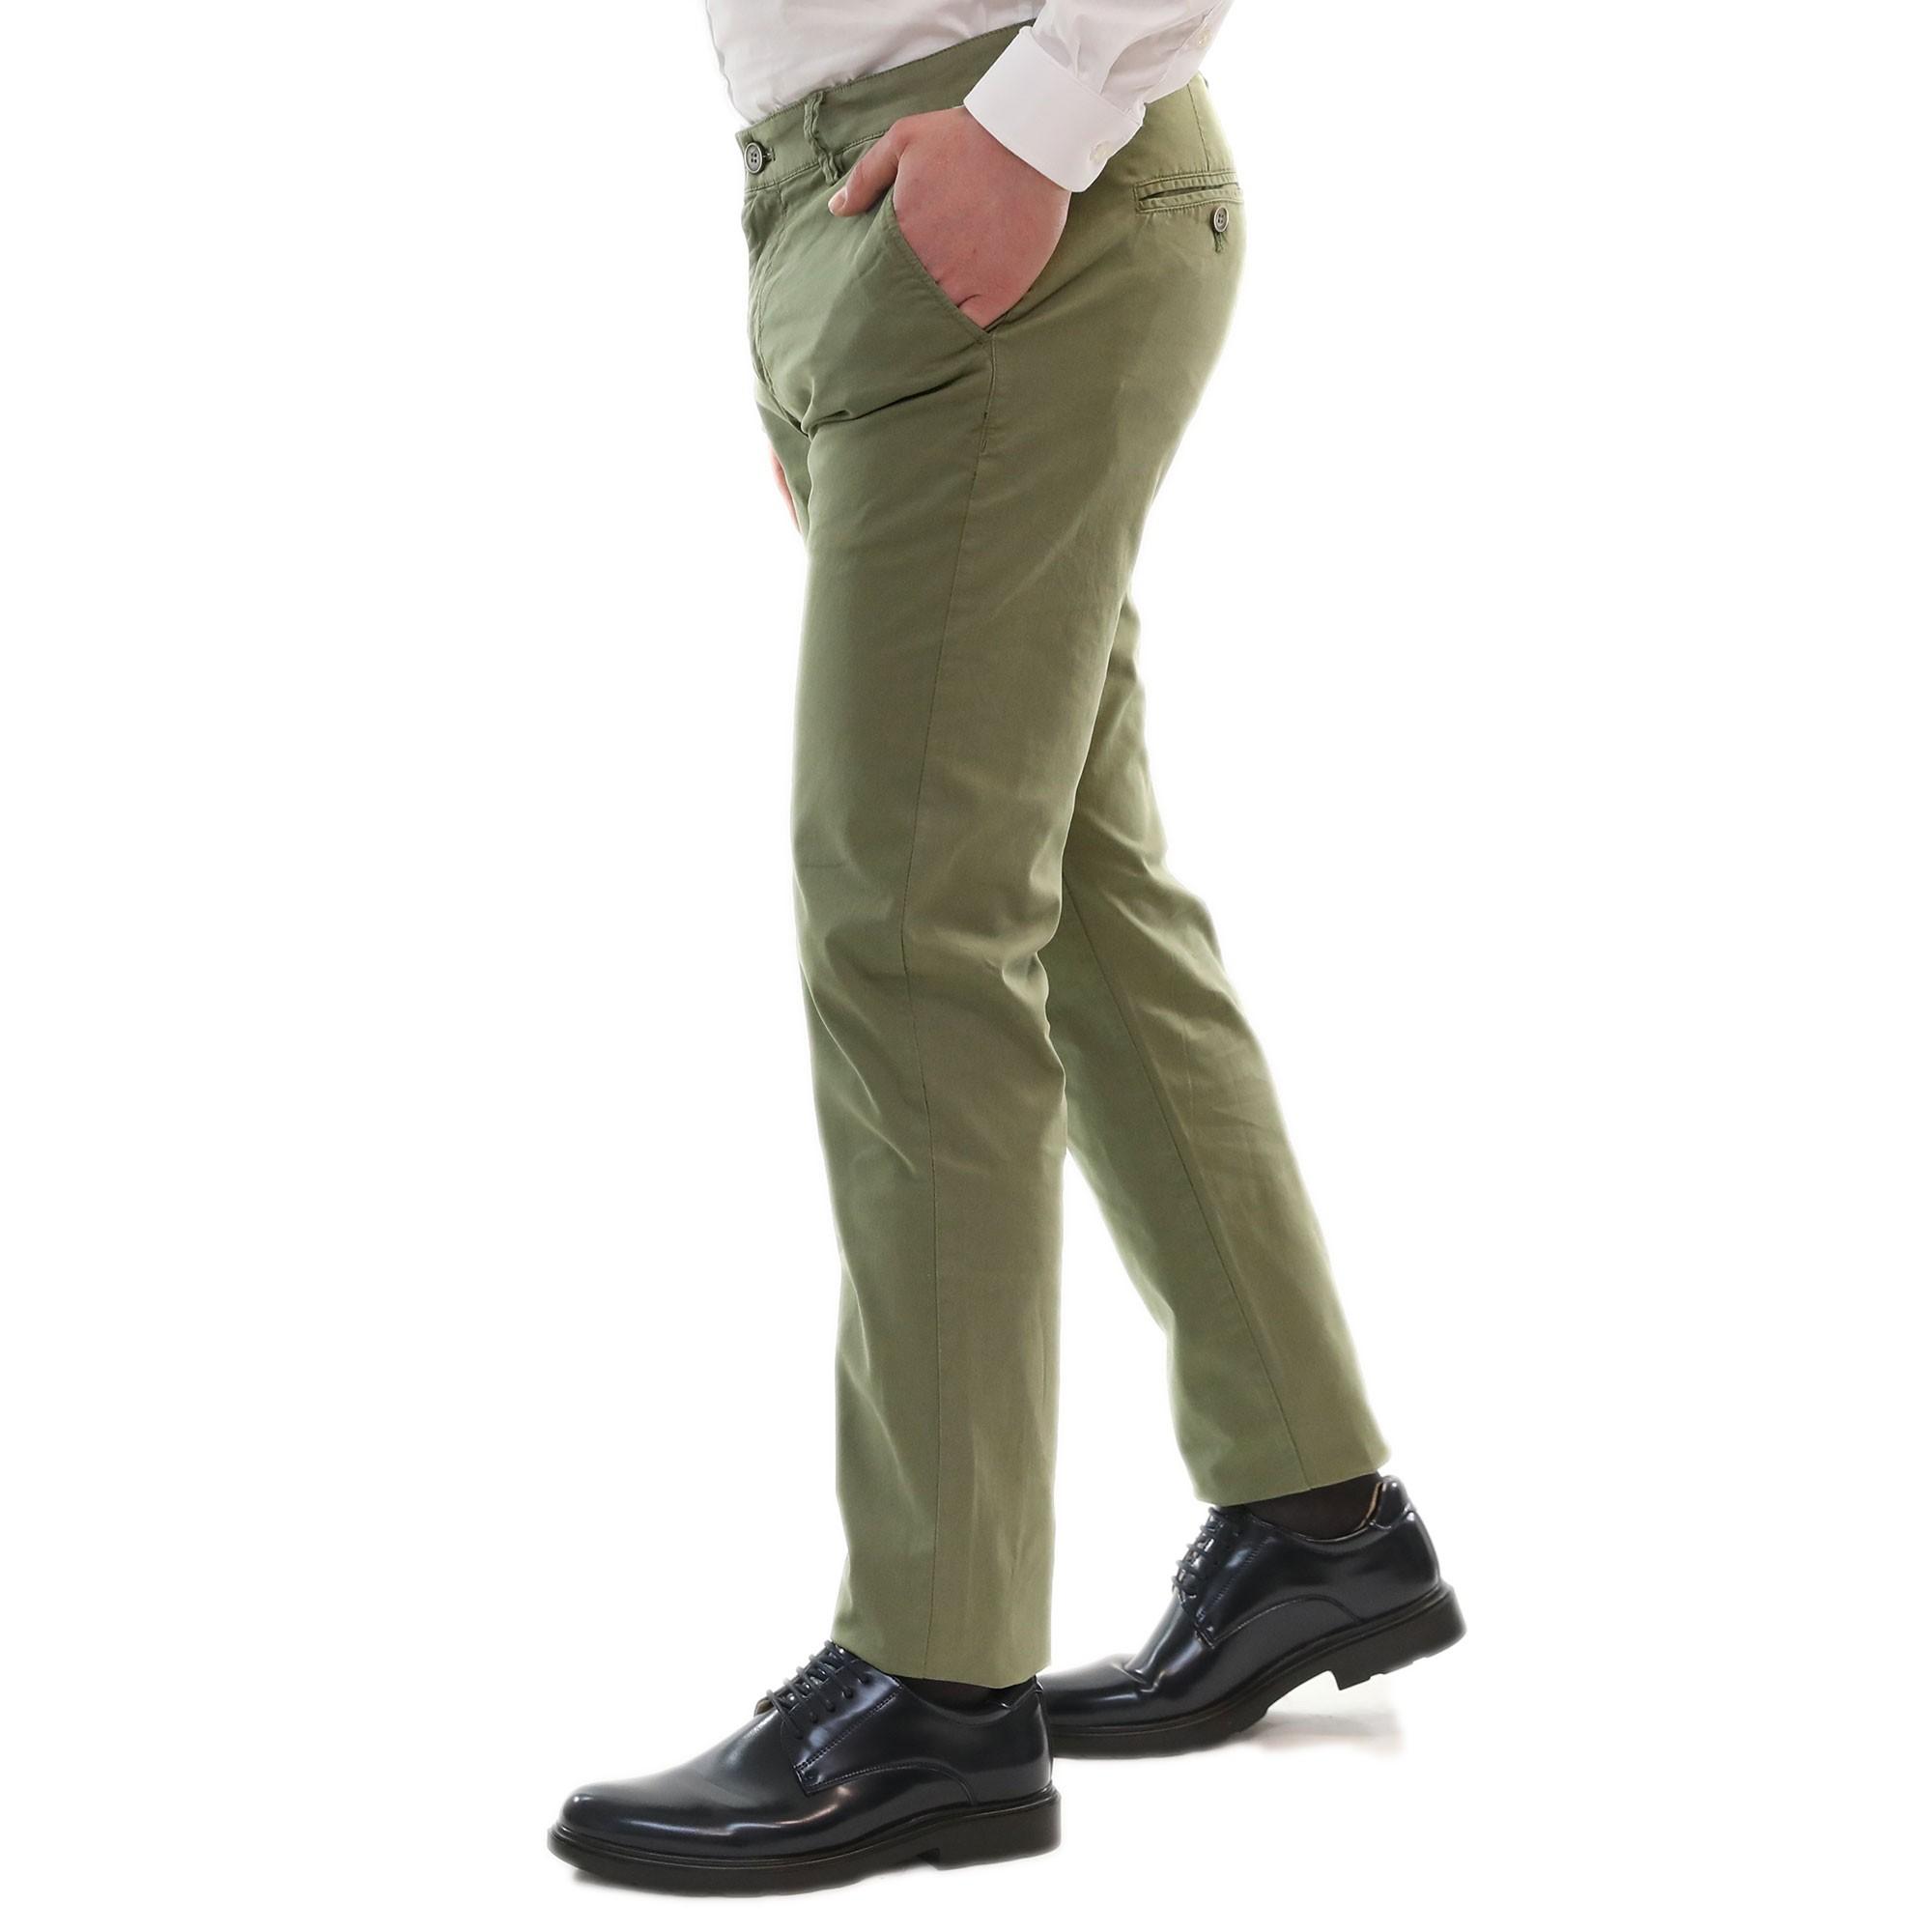 Pantaloni-Uomo-Estivi-Cotone-Chino-Slim-Fit-Elegante-Tasche-America miniatura 5